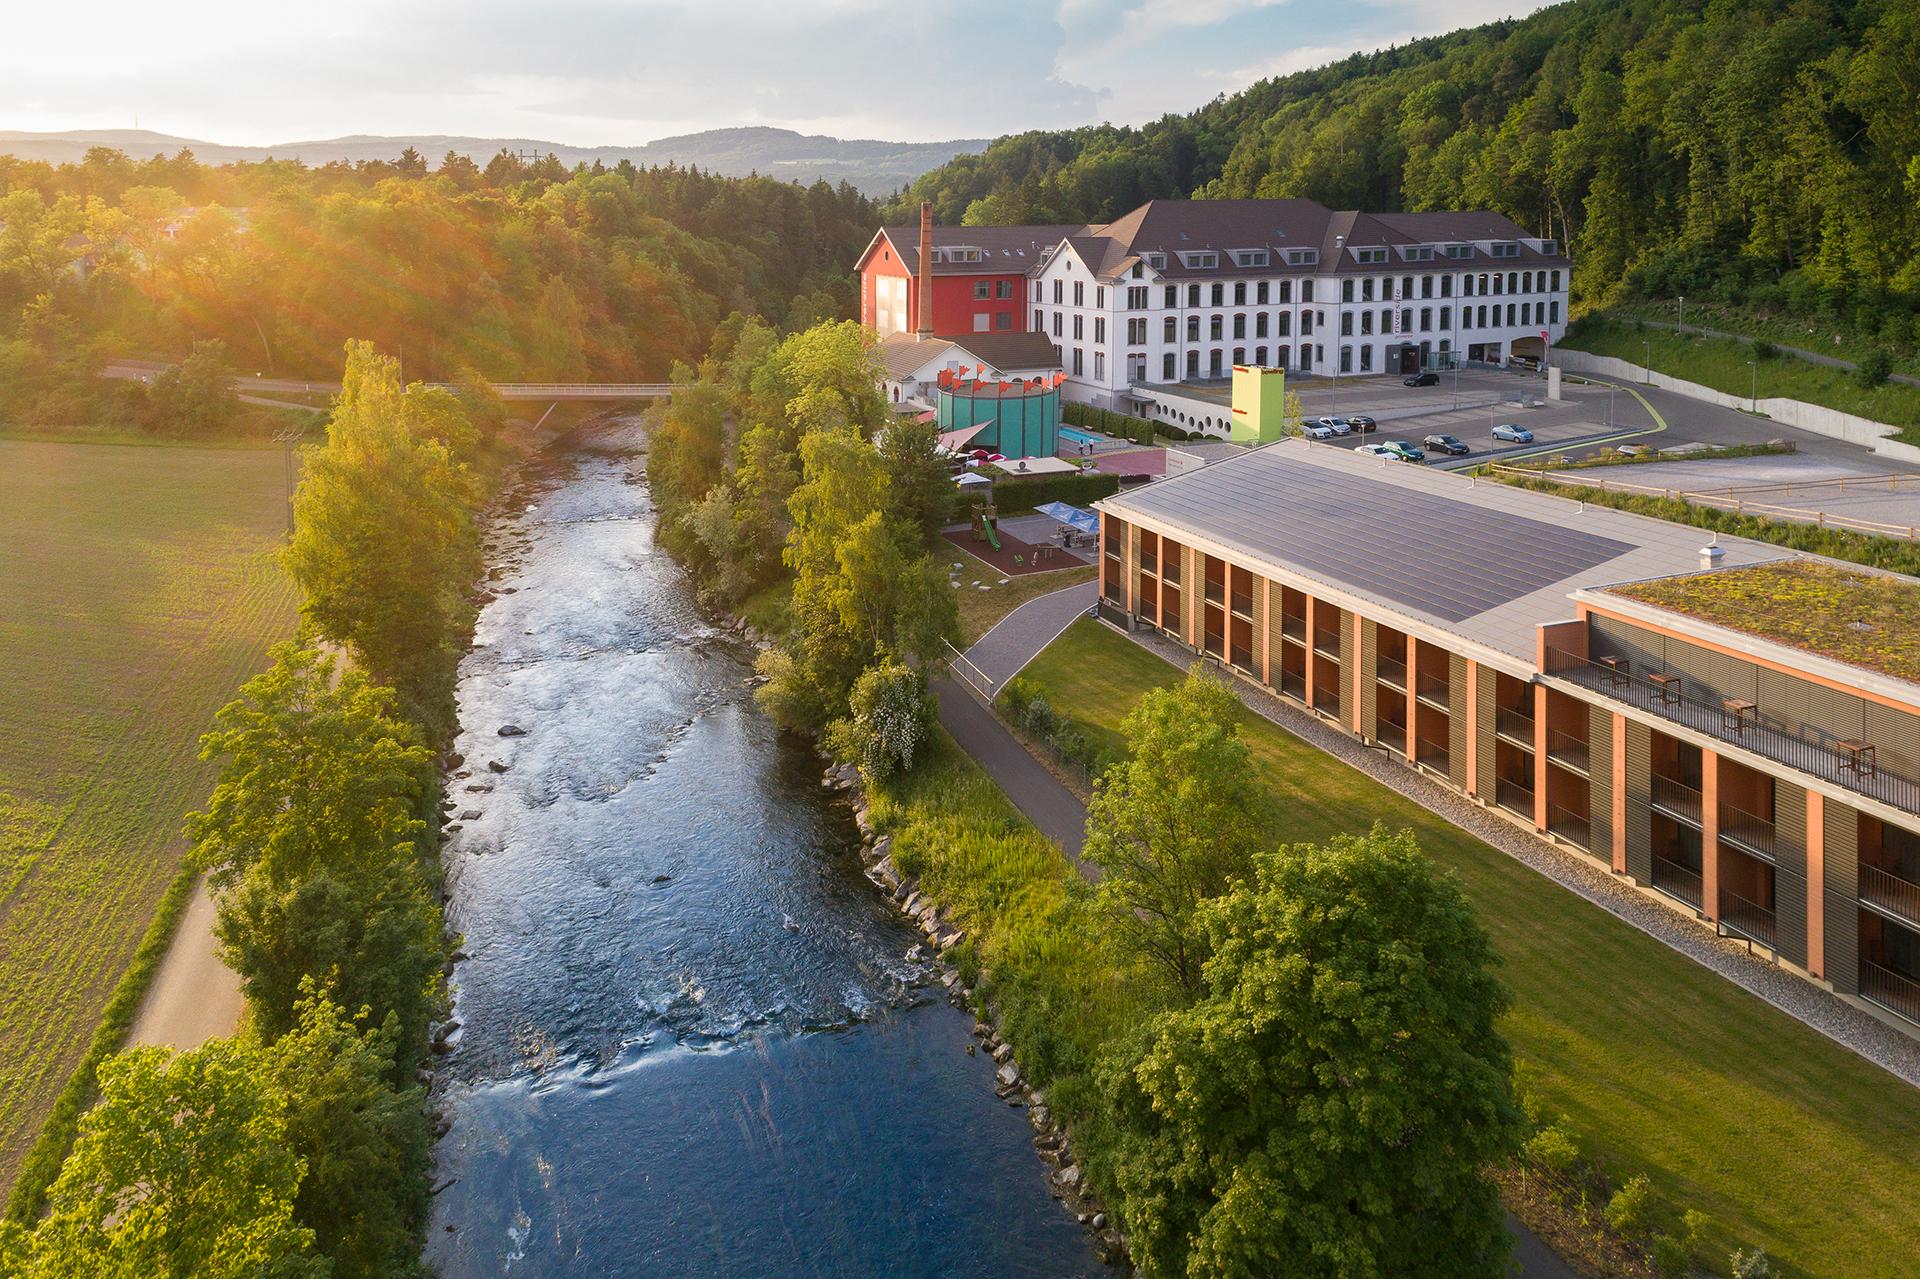 riverside_Seminarhotel-Aussenansicht.jpg